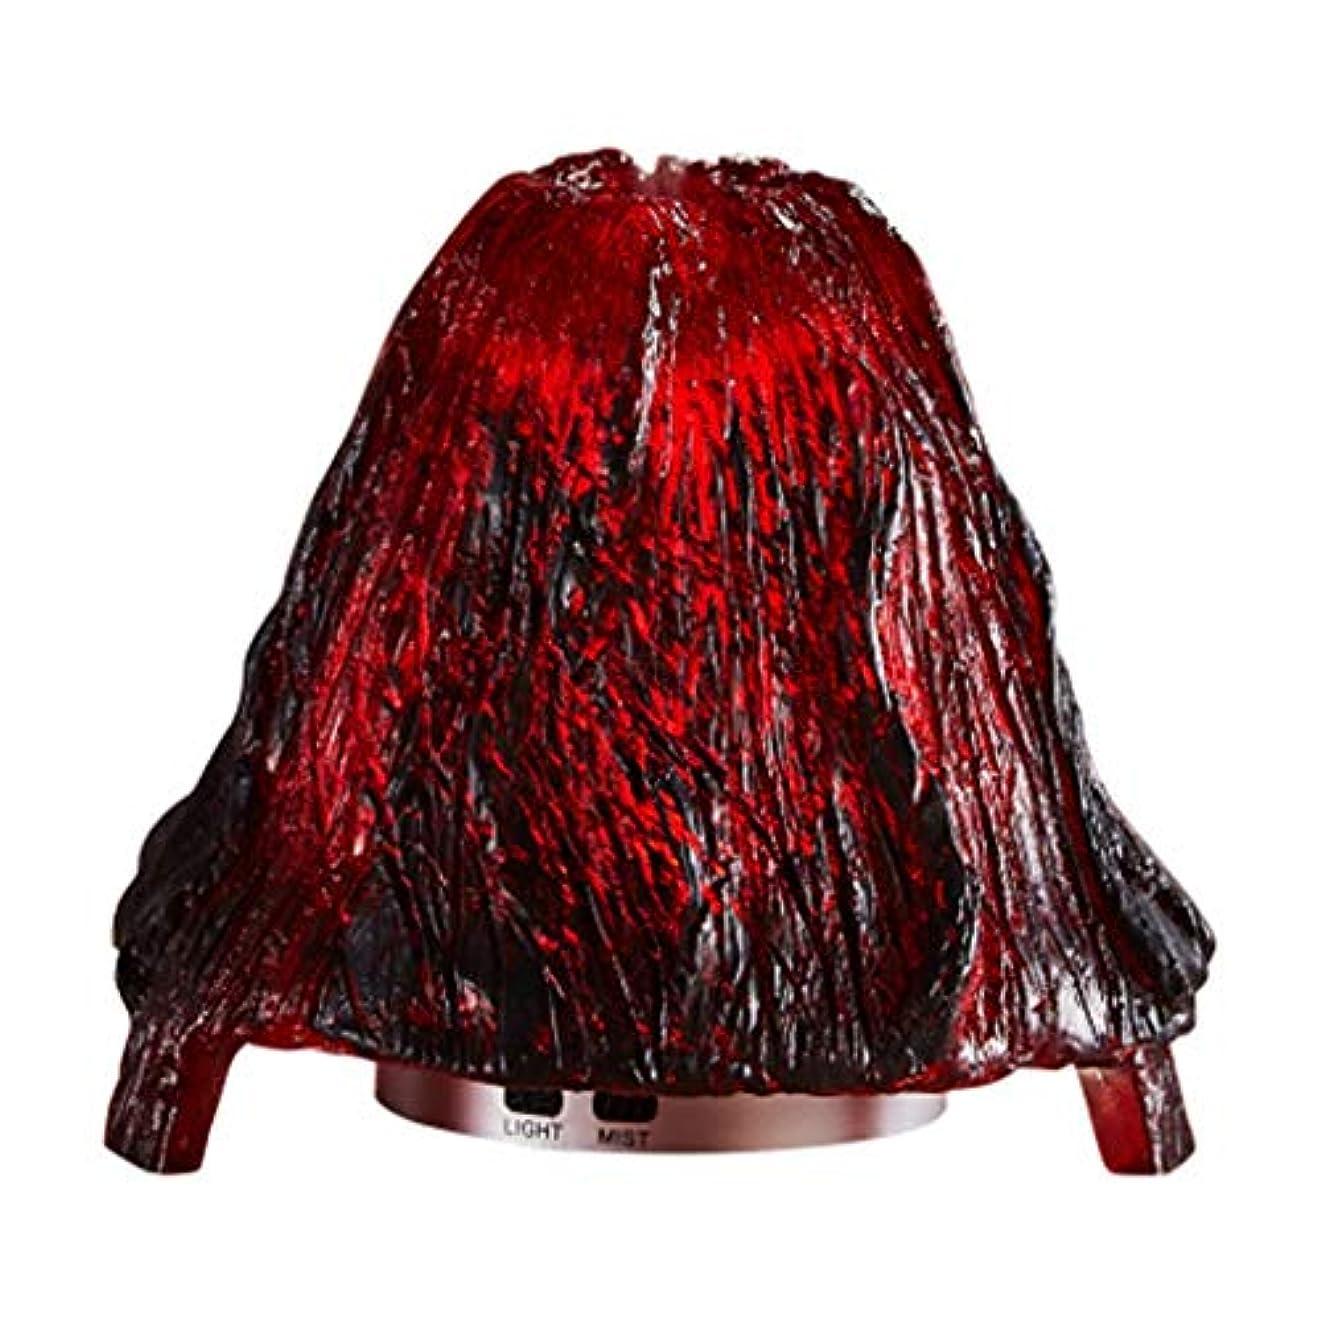 区剥ぎ取る表示クールミスト加湿器ミスト100mlディフューザーディフューザー7色LEDライト/ウォーターレス自動シャットダウン(火山) (Color : Red)